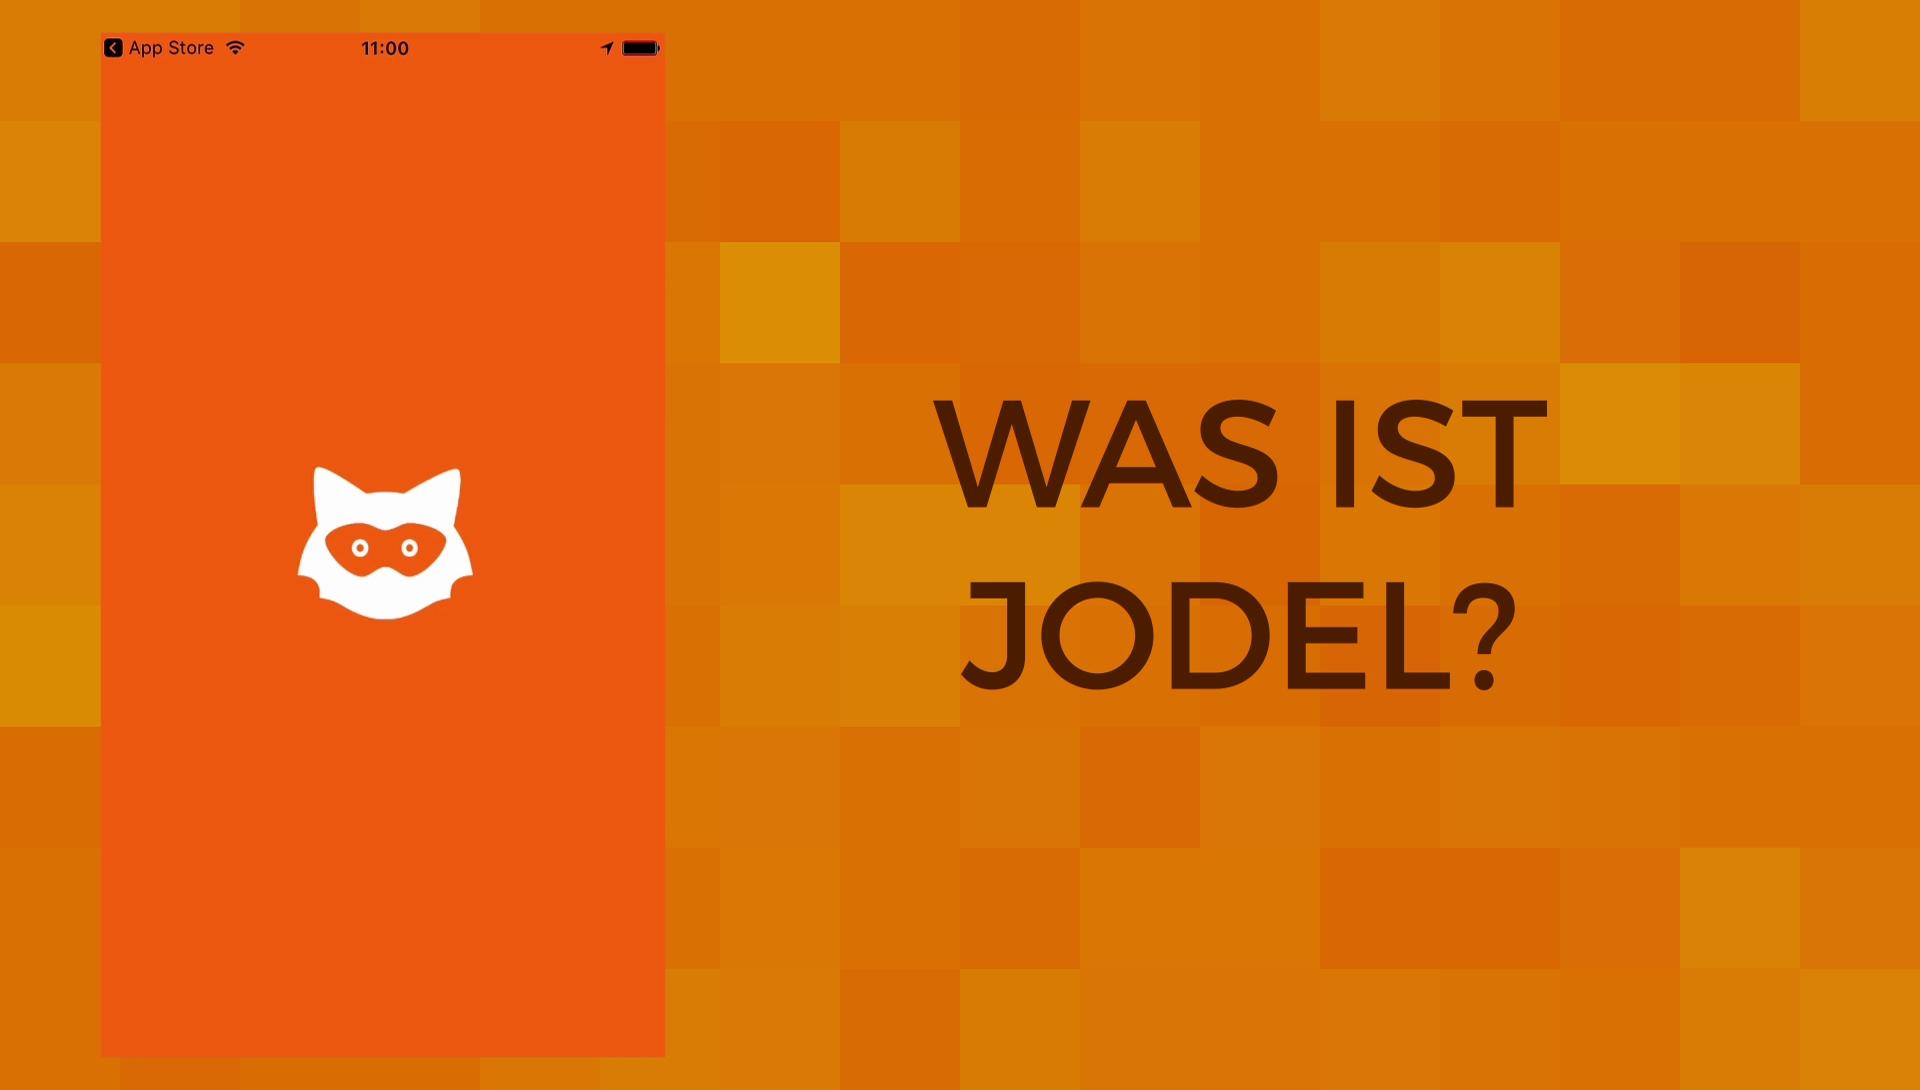 Jodel Sprüche Die Coolsten Und Witzigsten Sprüche Für Jodel Giga